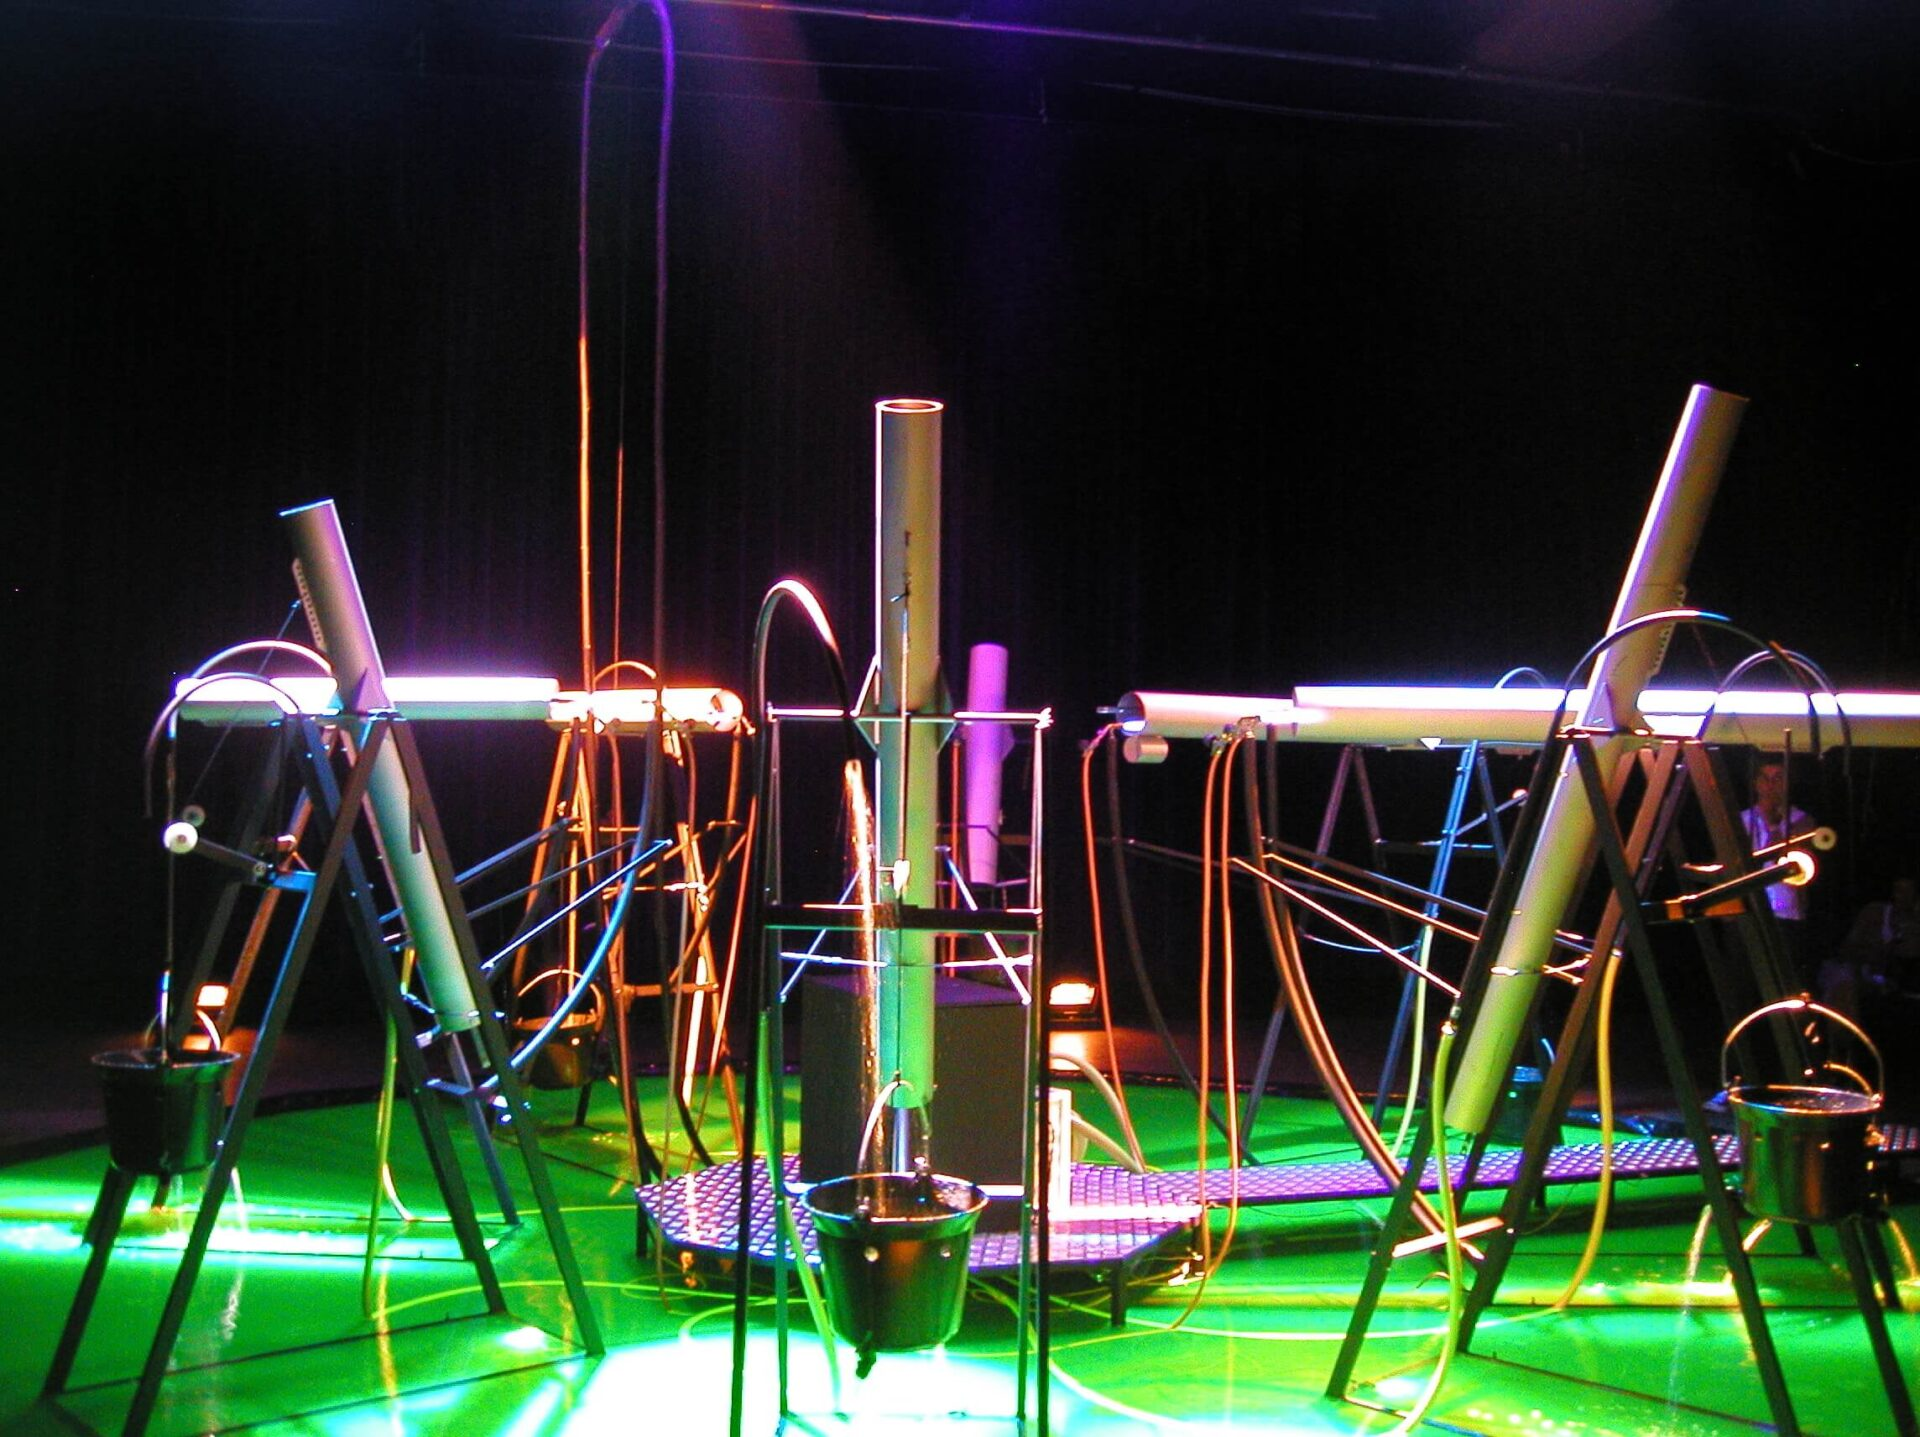 Photographie montrant des tuyaux montés sur châssis , évoquant de gros mortiers militaires, au dessus d'une surface vert fluorescent ,sur un fond noir . Lumières de spectacle